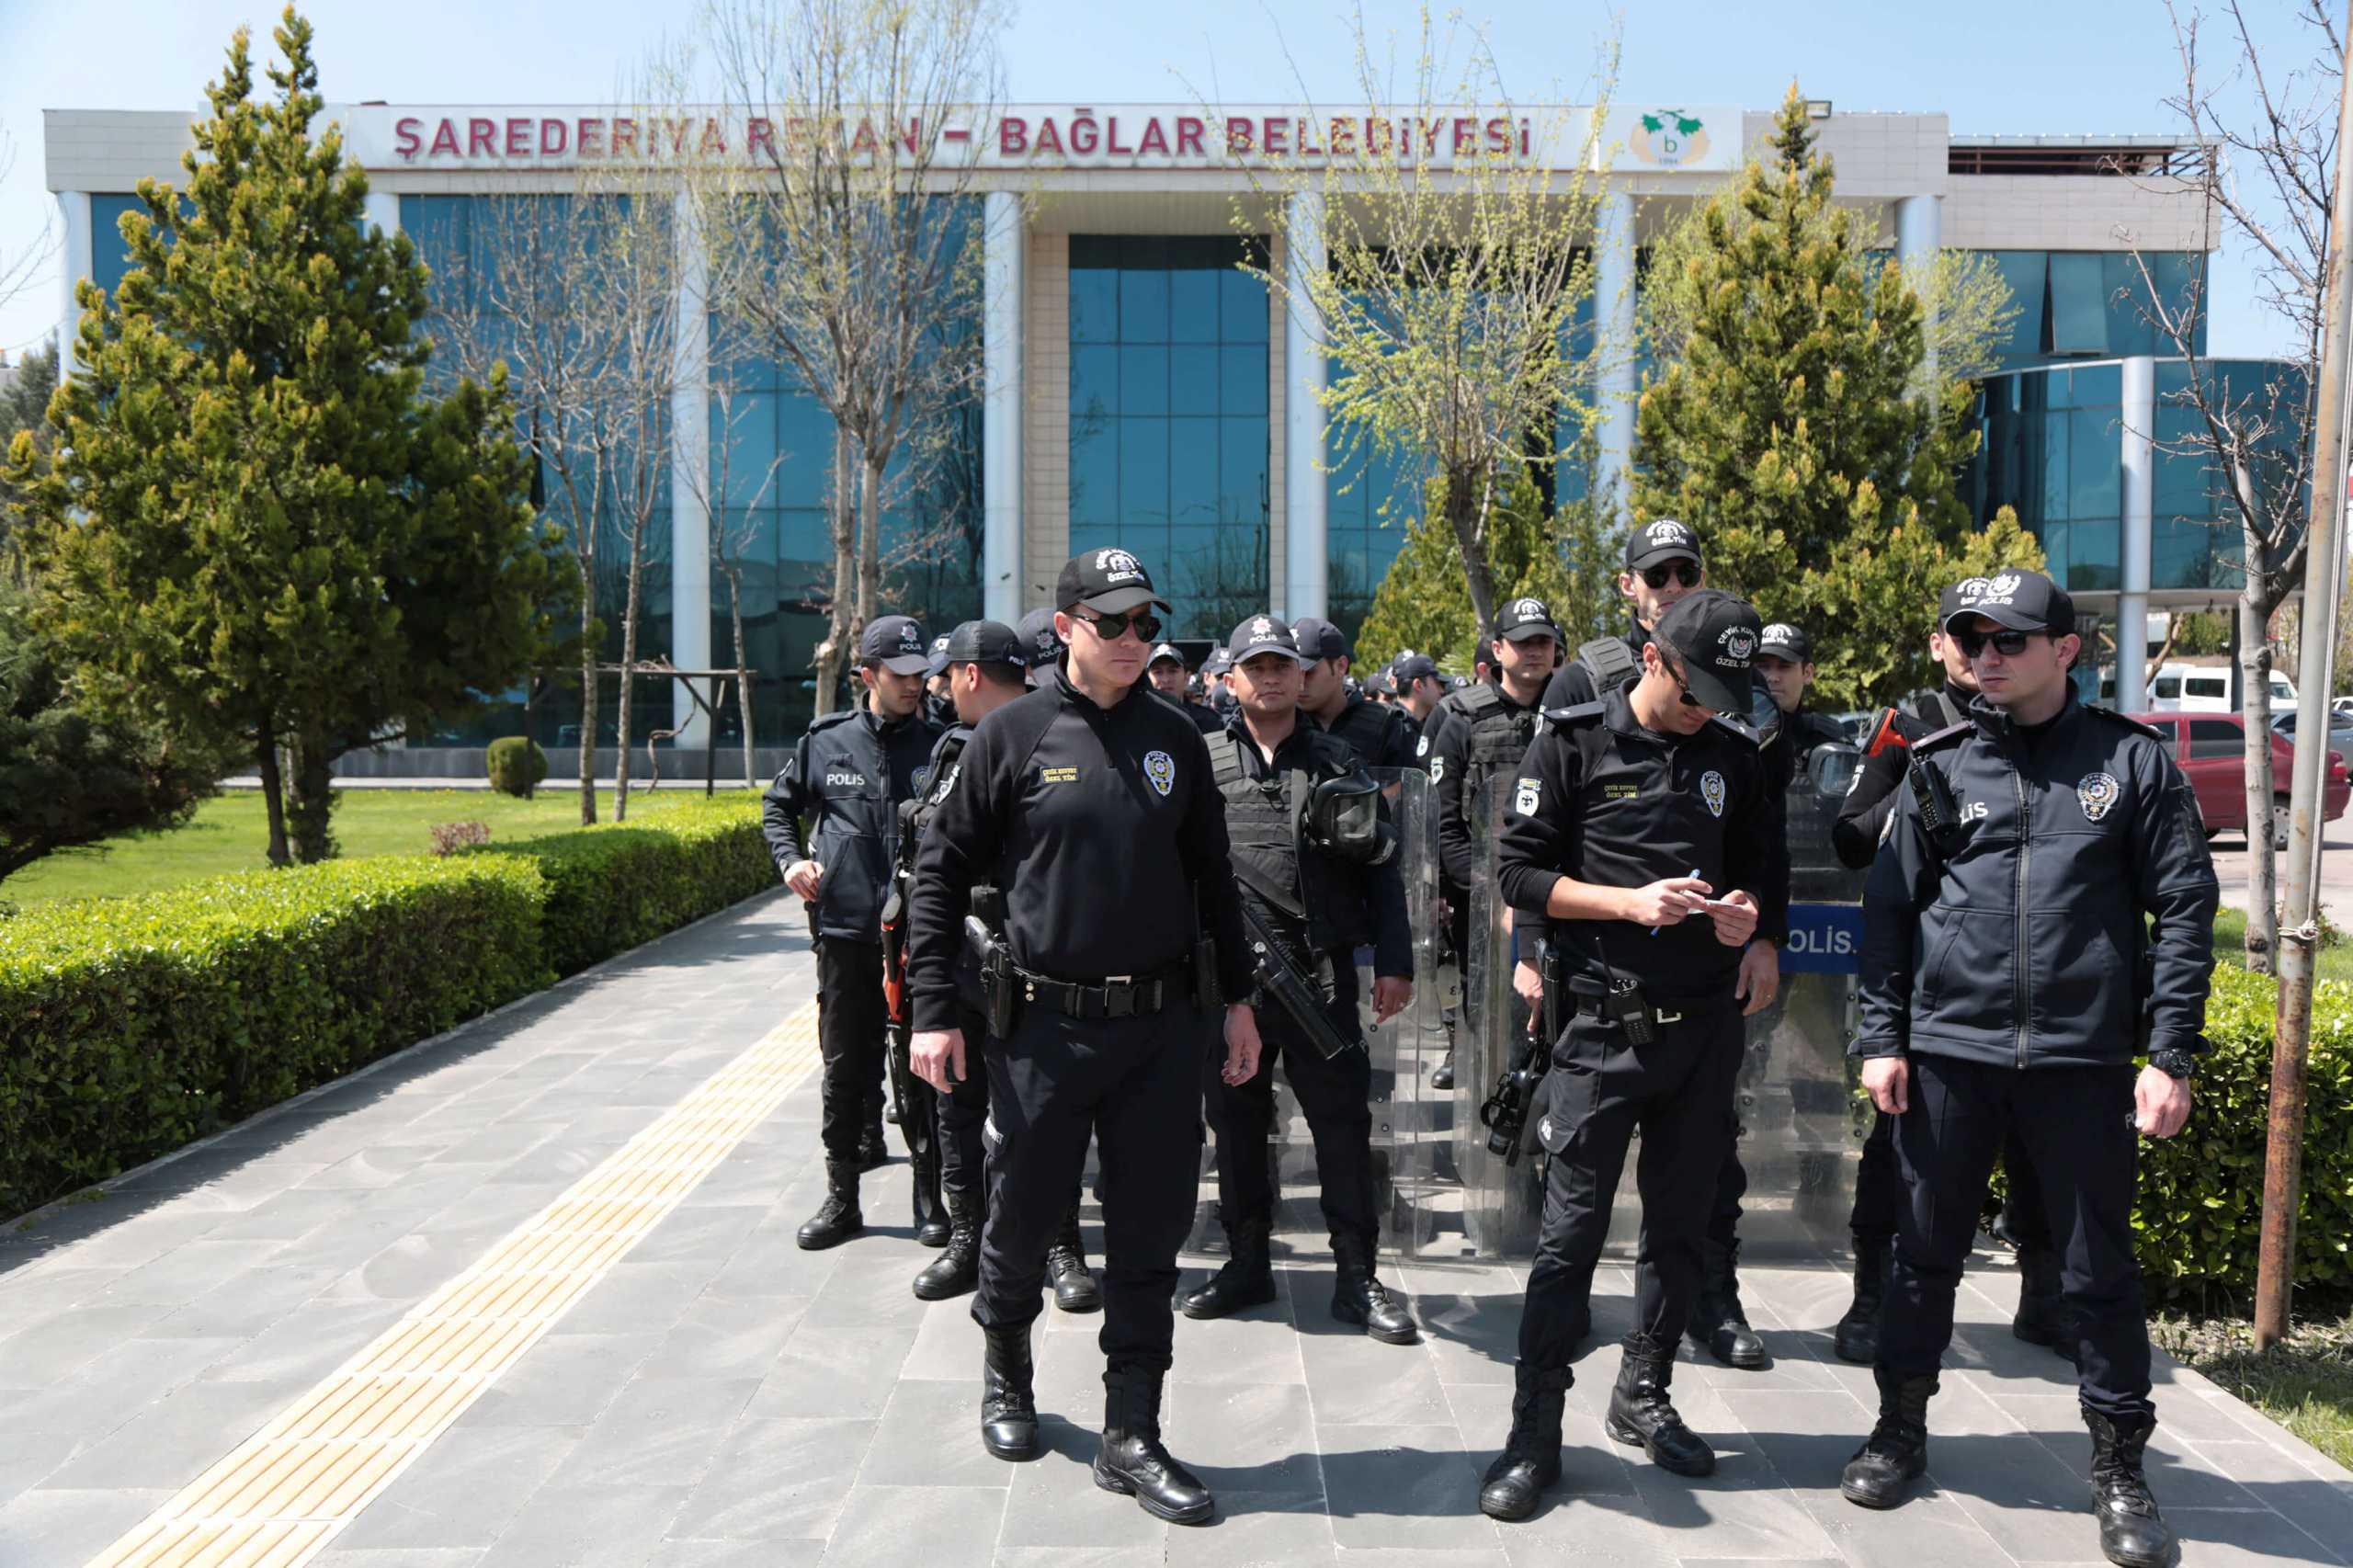 Τουρκία: Συλλήψεις 532 «Γκιουλενιστών» – Χειροπέδες σε 459 εν ενεργεία στρατιωτικούς